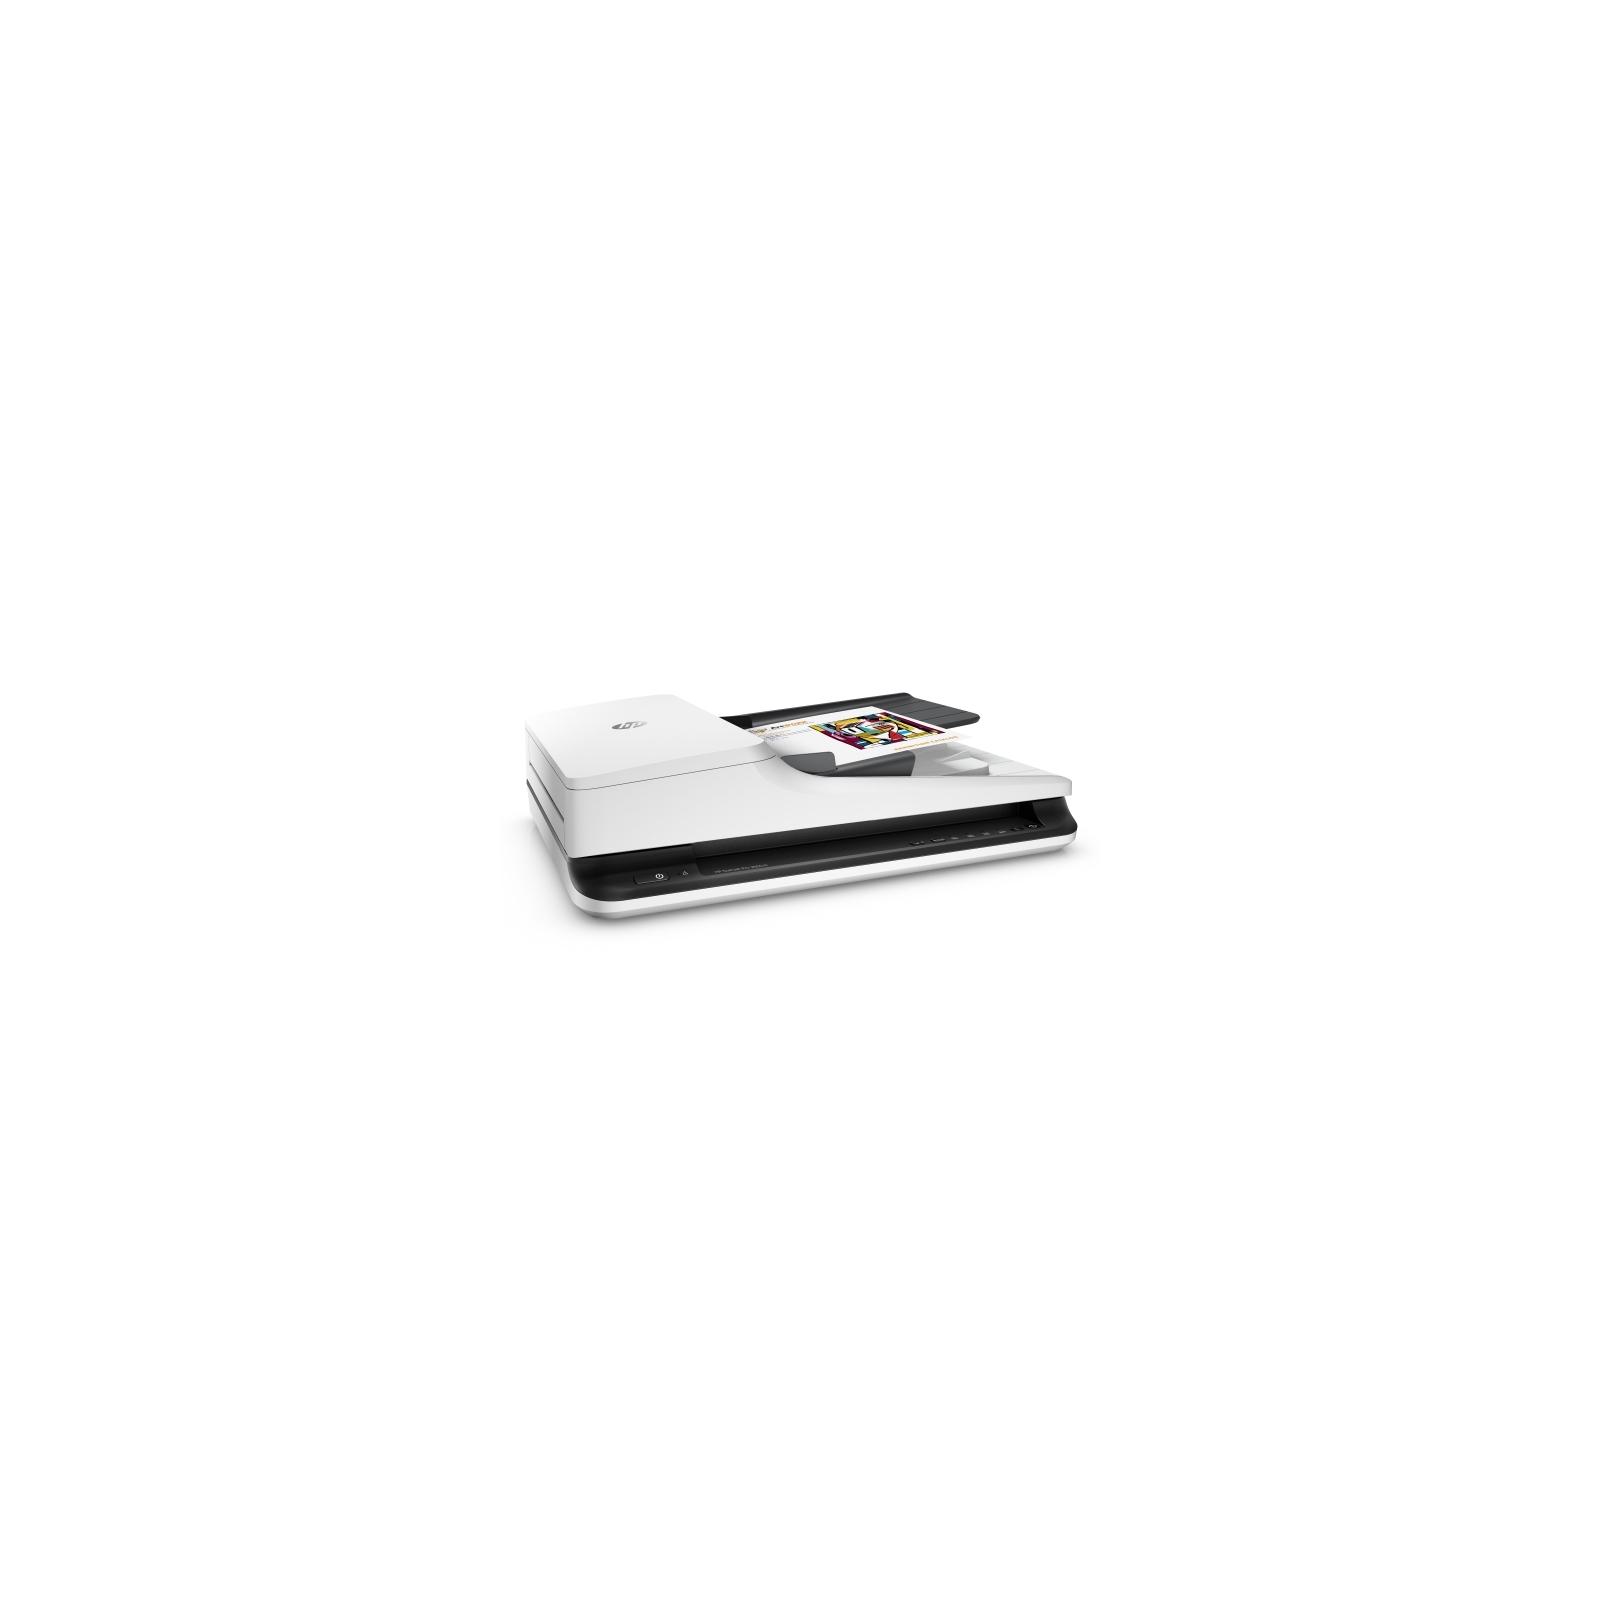 Сканер HP Scan Jet Pro 2500 f1 (L2747A) изображение 3